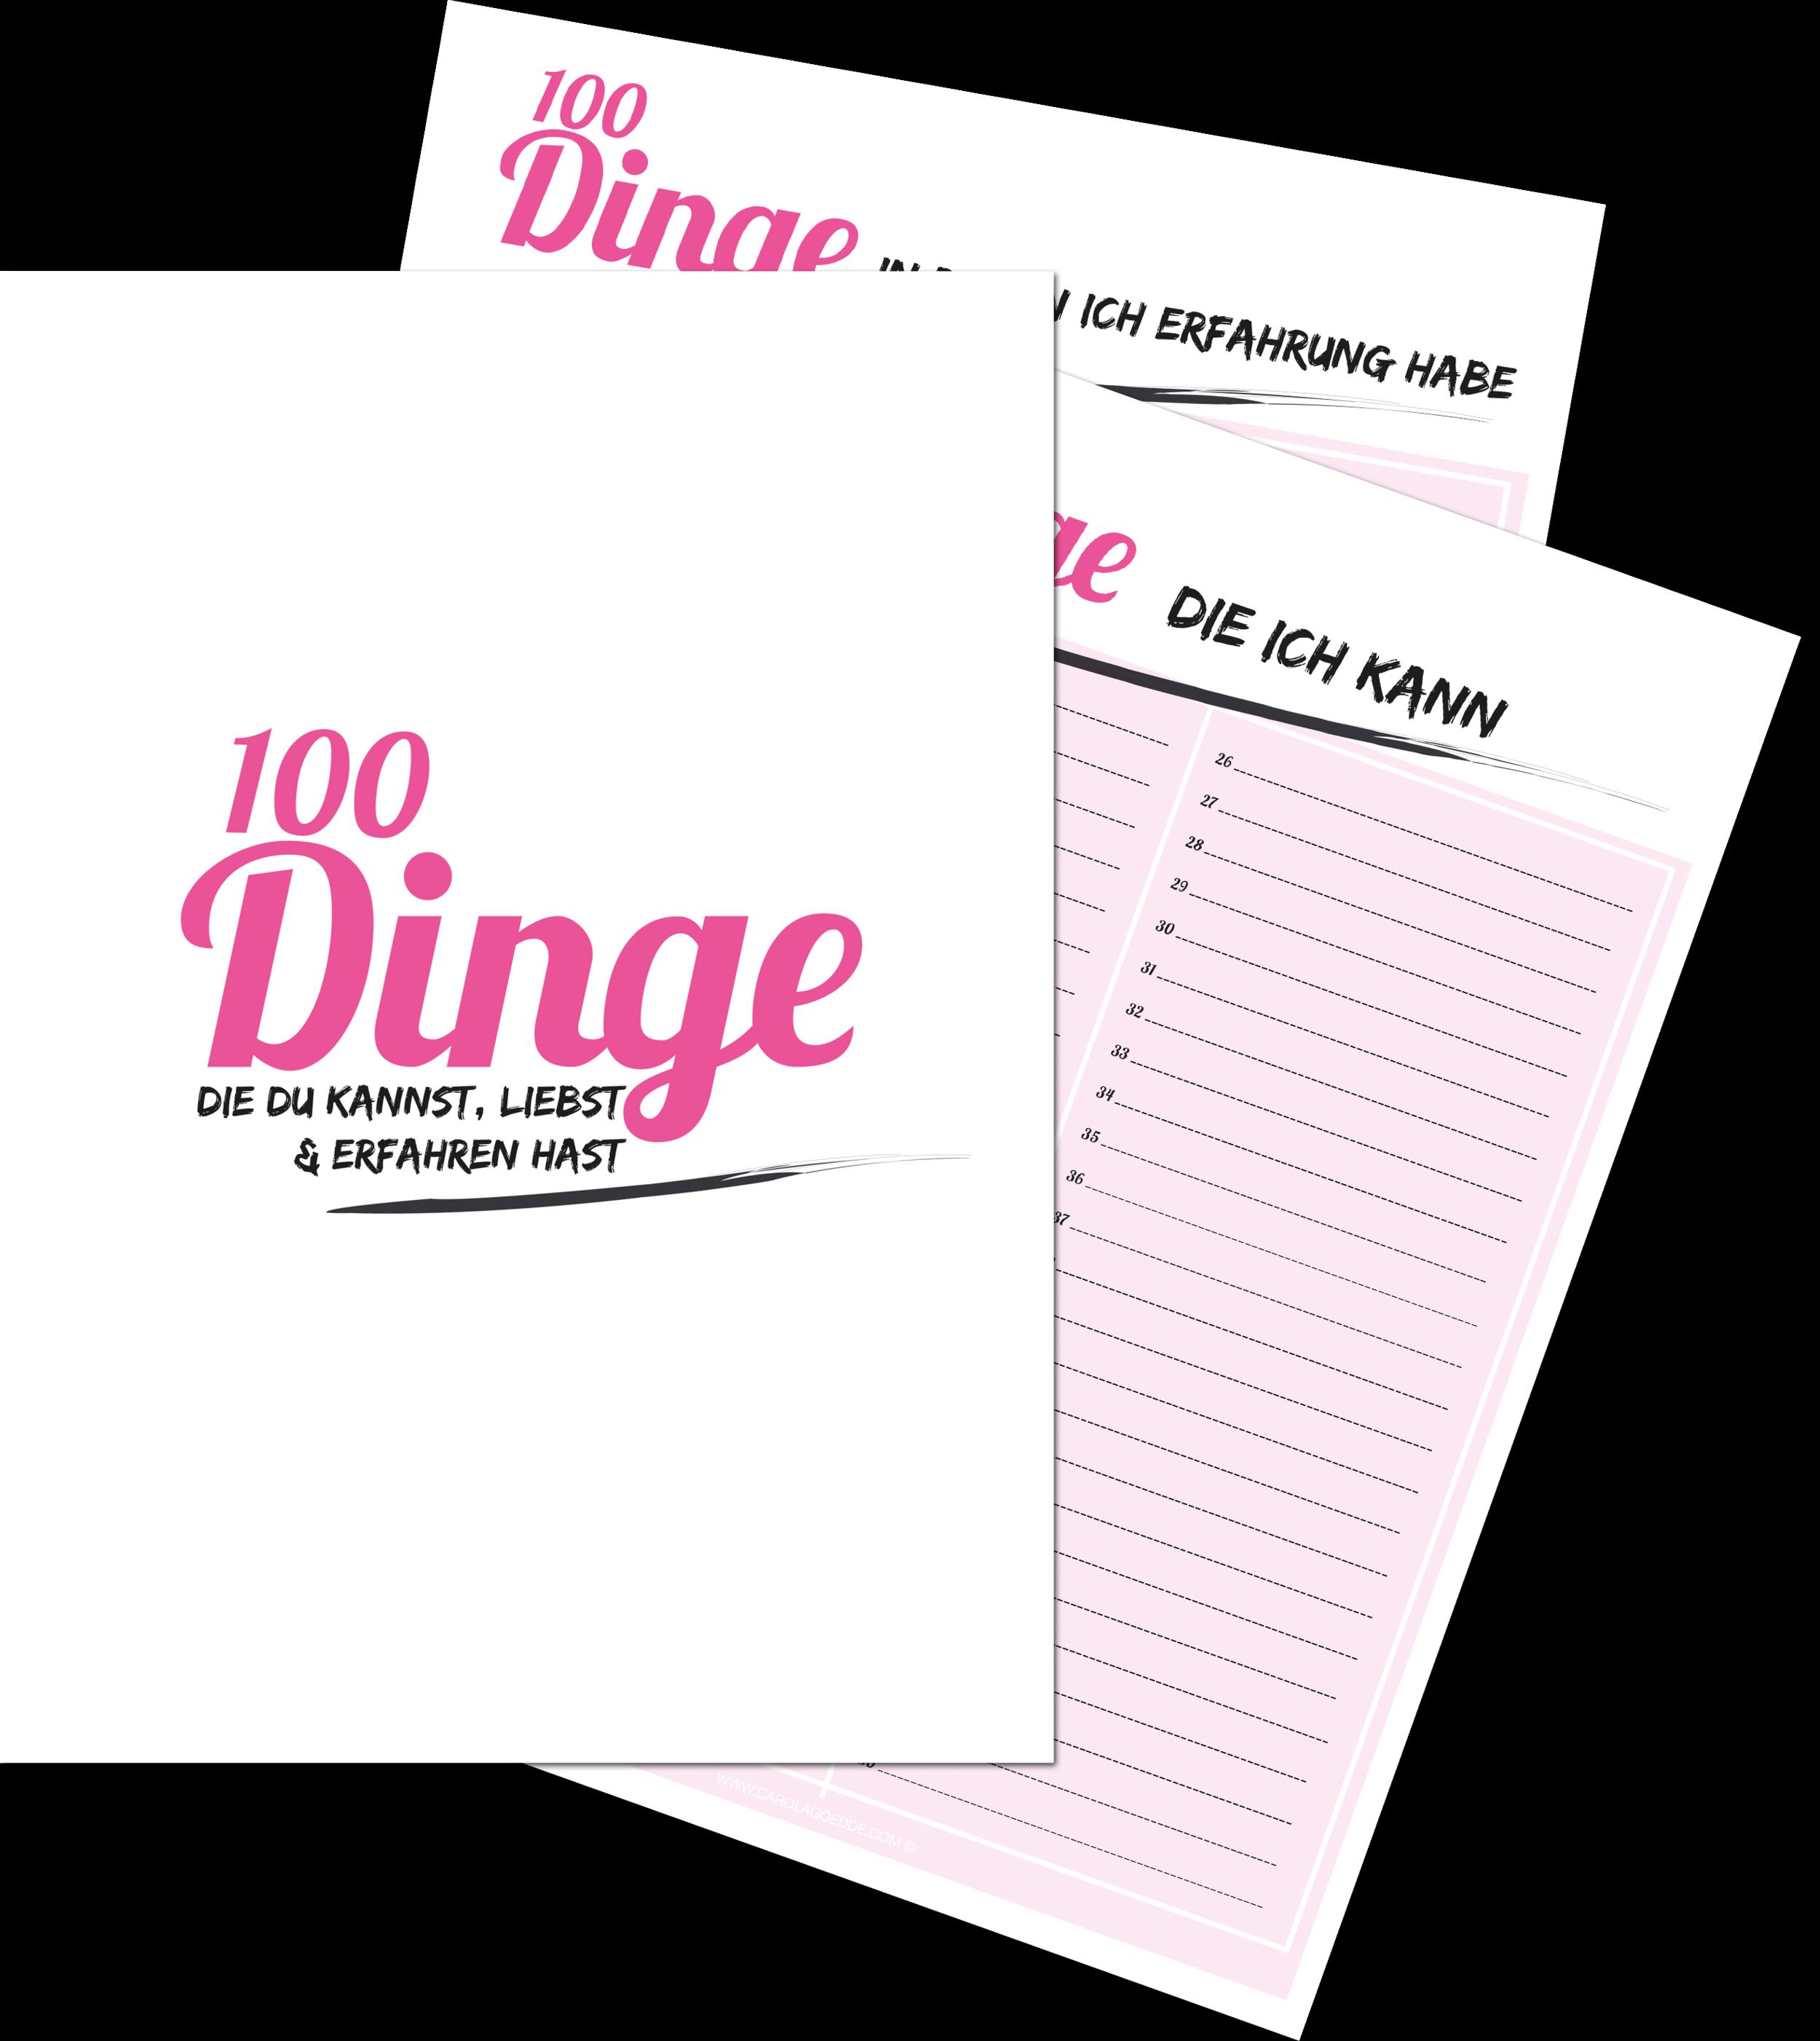 100 Dinge Liste - entdecke deine Fülle.png